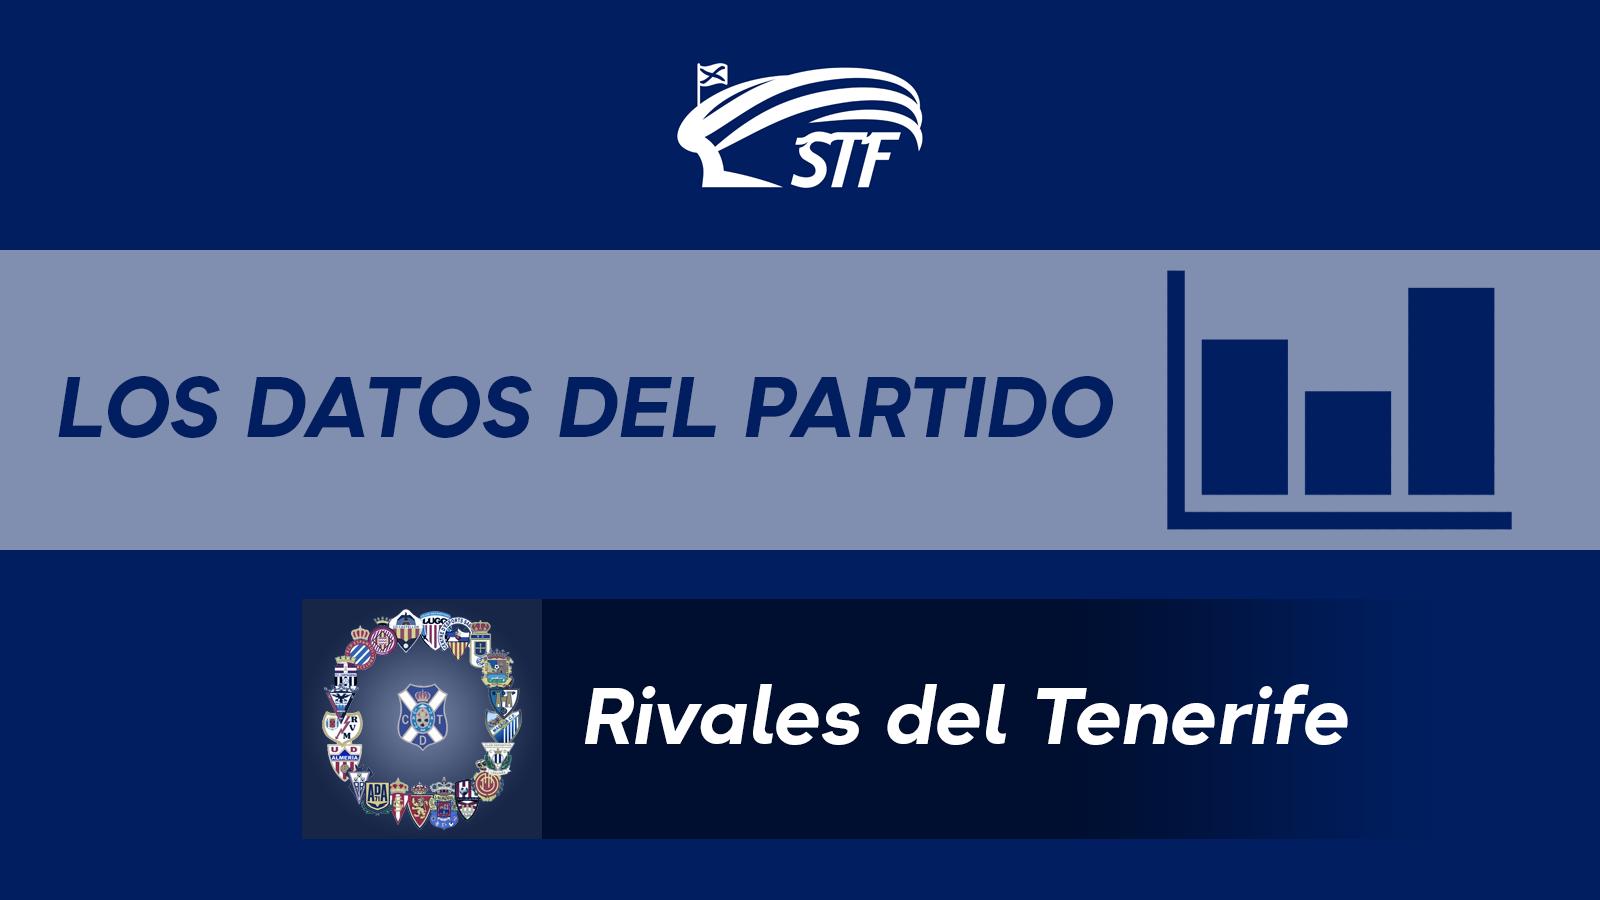 Los datos y curiosidades del CD Tenerife 2-1 SD Amorebieta